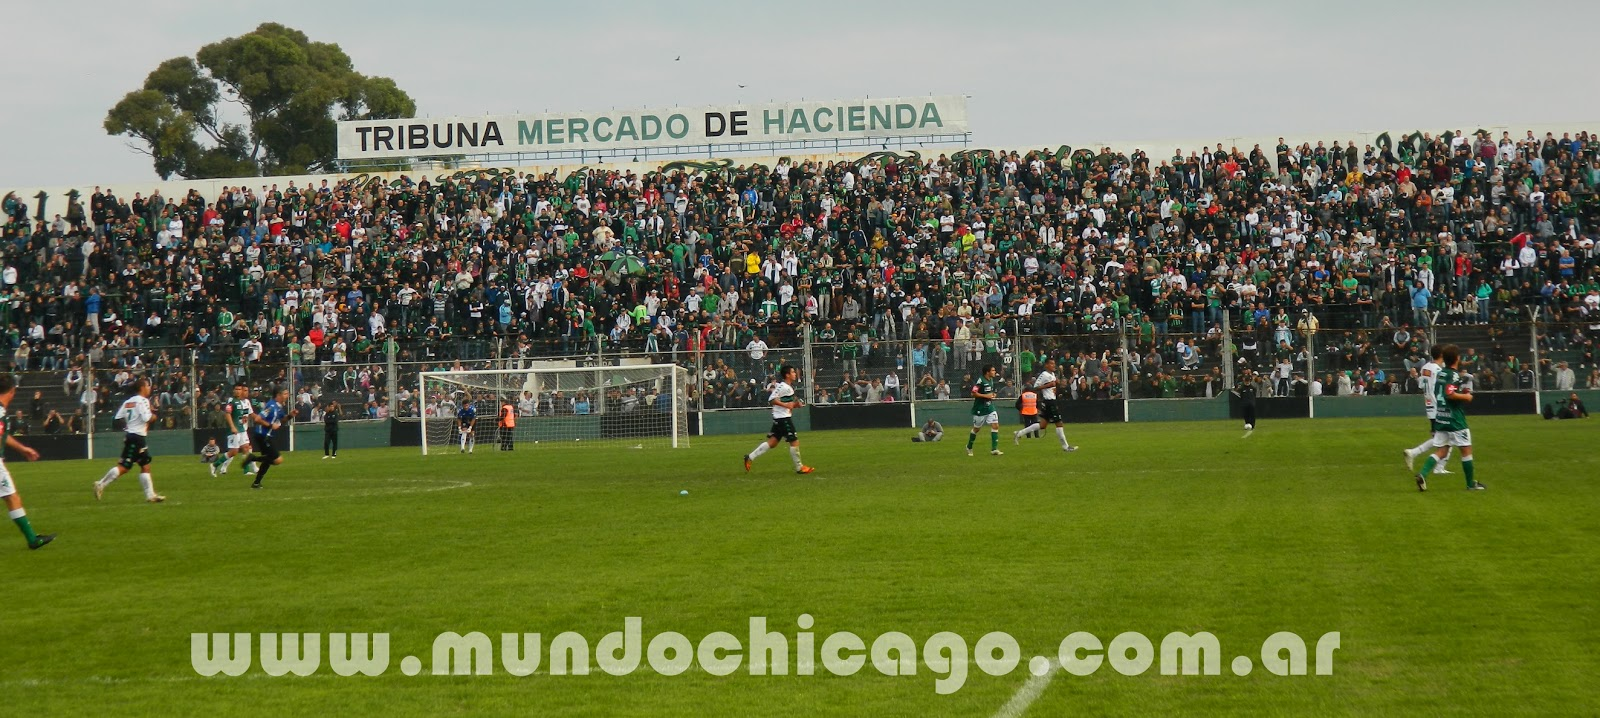 MUNDO CHICAGO - Sitio del Club Atlético Nueva Chicago: mayo 2012